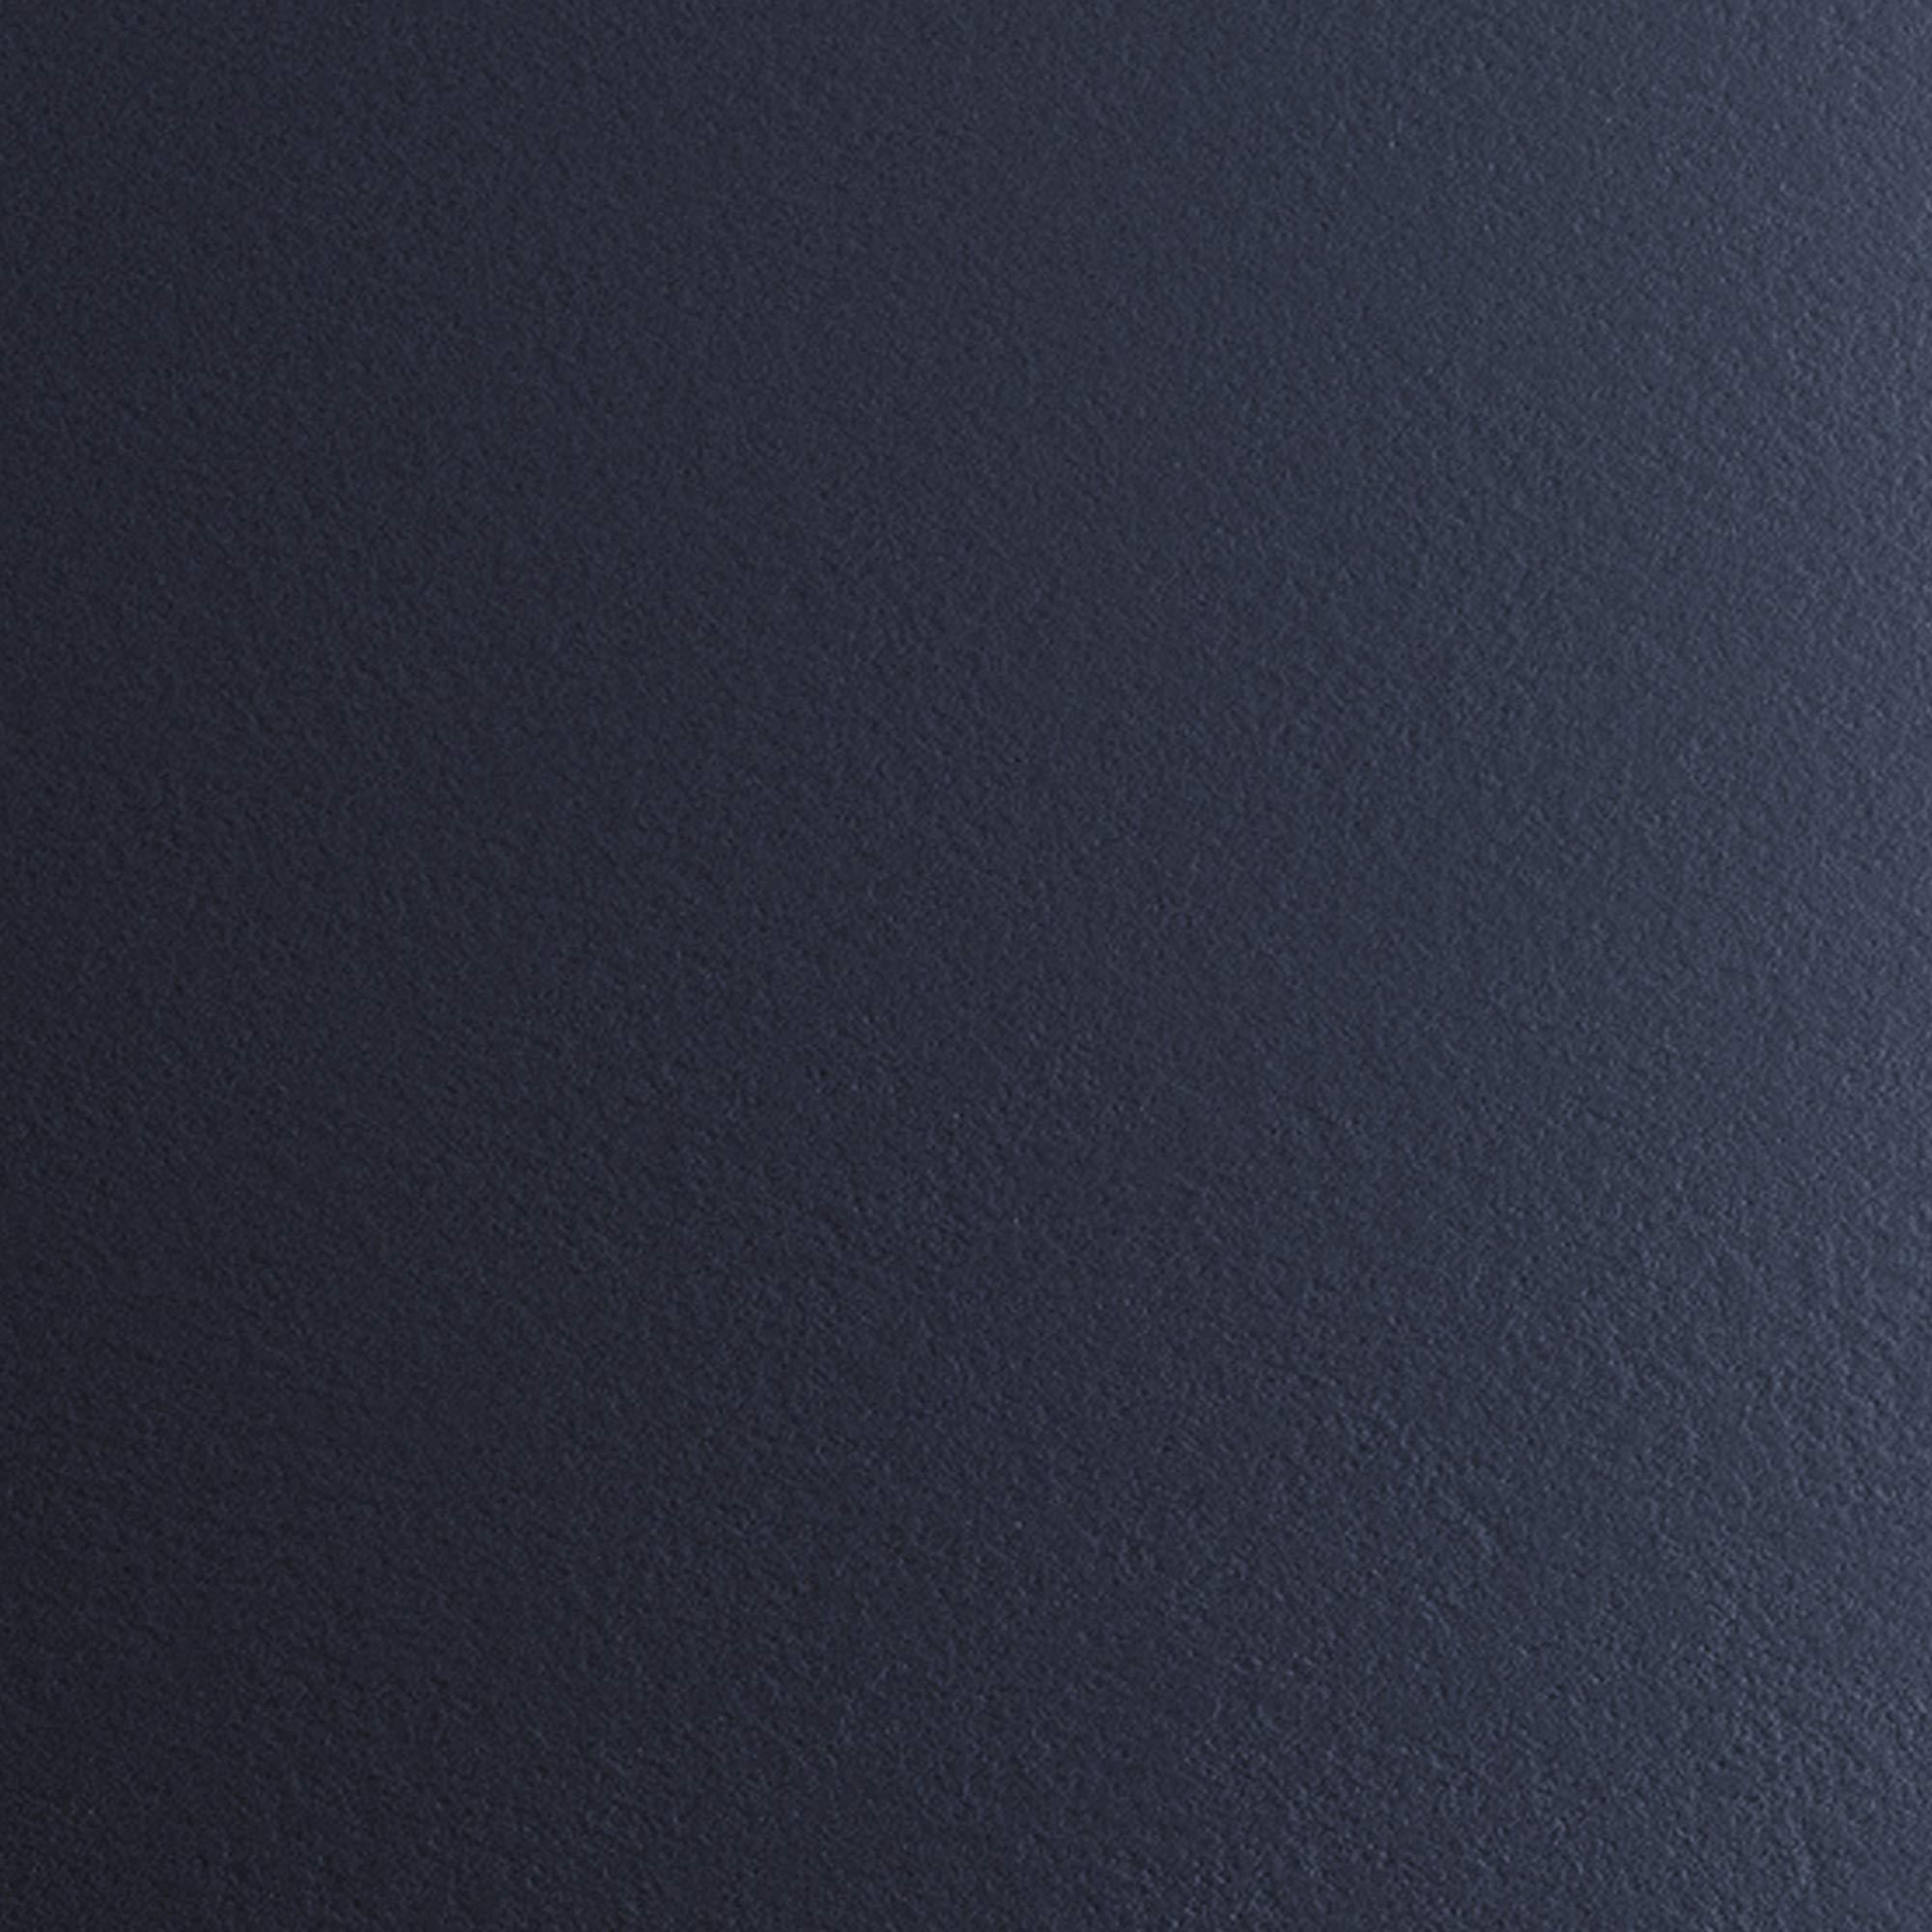 Essence - Plato de Ducha con Efecto Piedra de Pizarra - Modelo Moon - Resina de mármol con Gelcoat - Rejilla Lateral de Acero Inoxidable - Color Negro: Amazon.es: Hogar